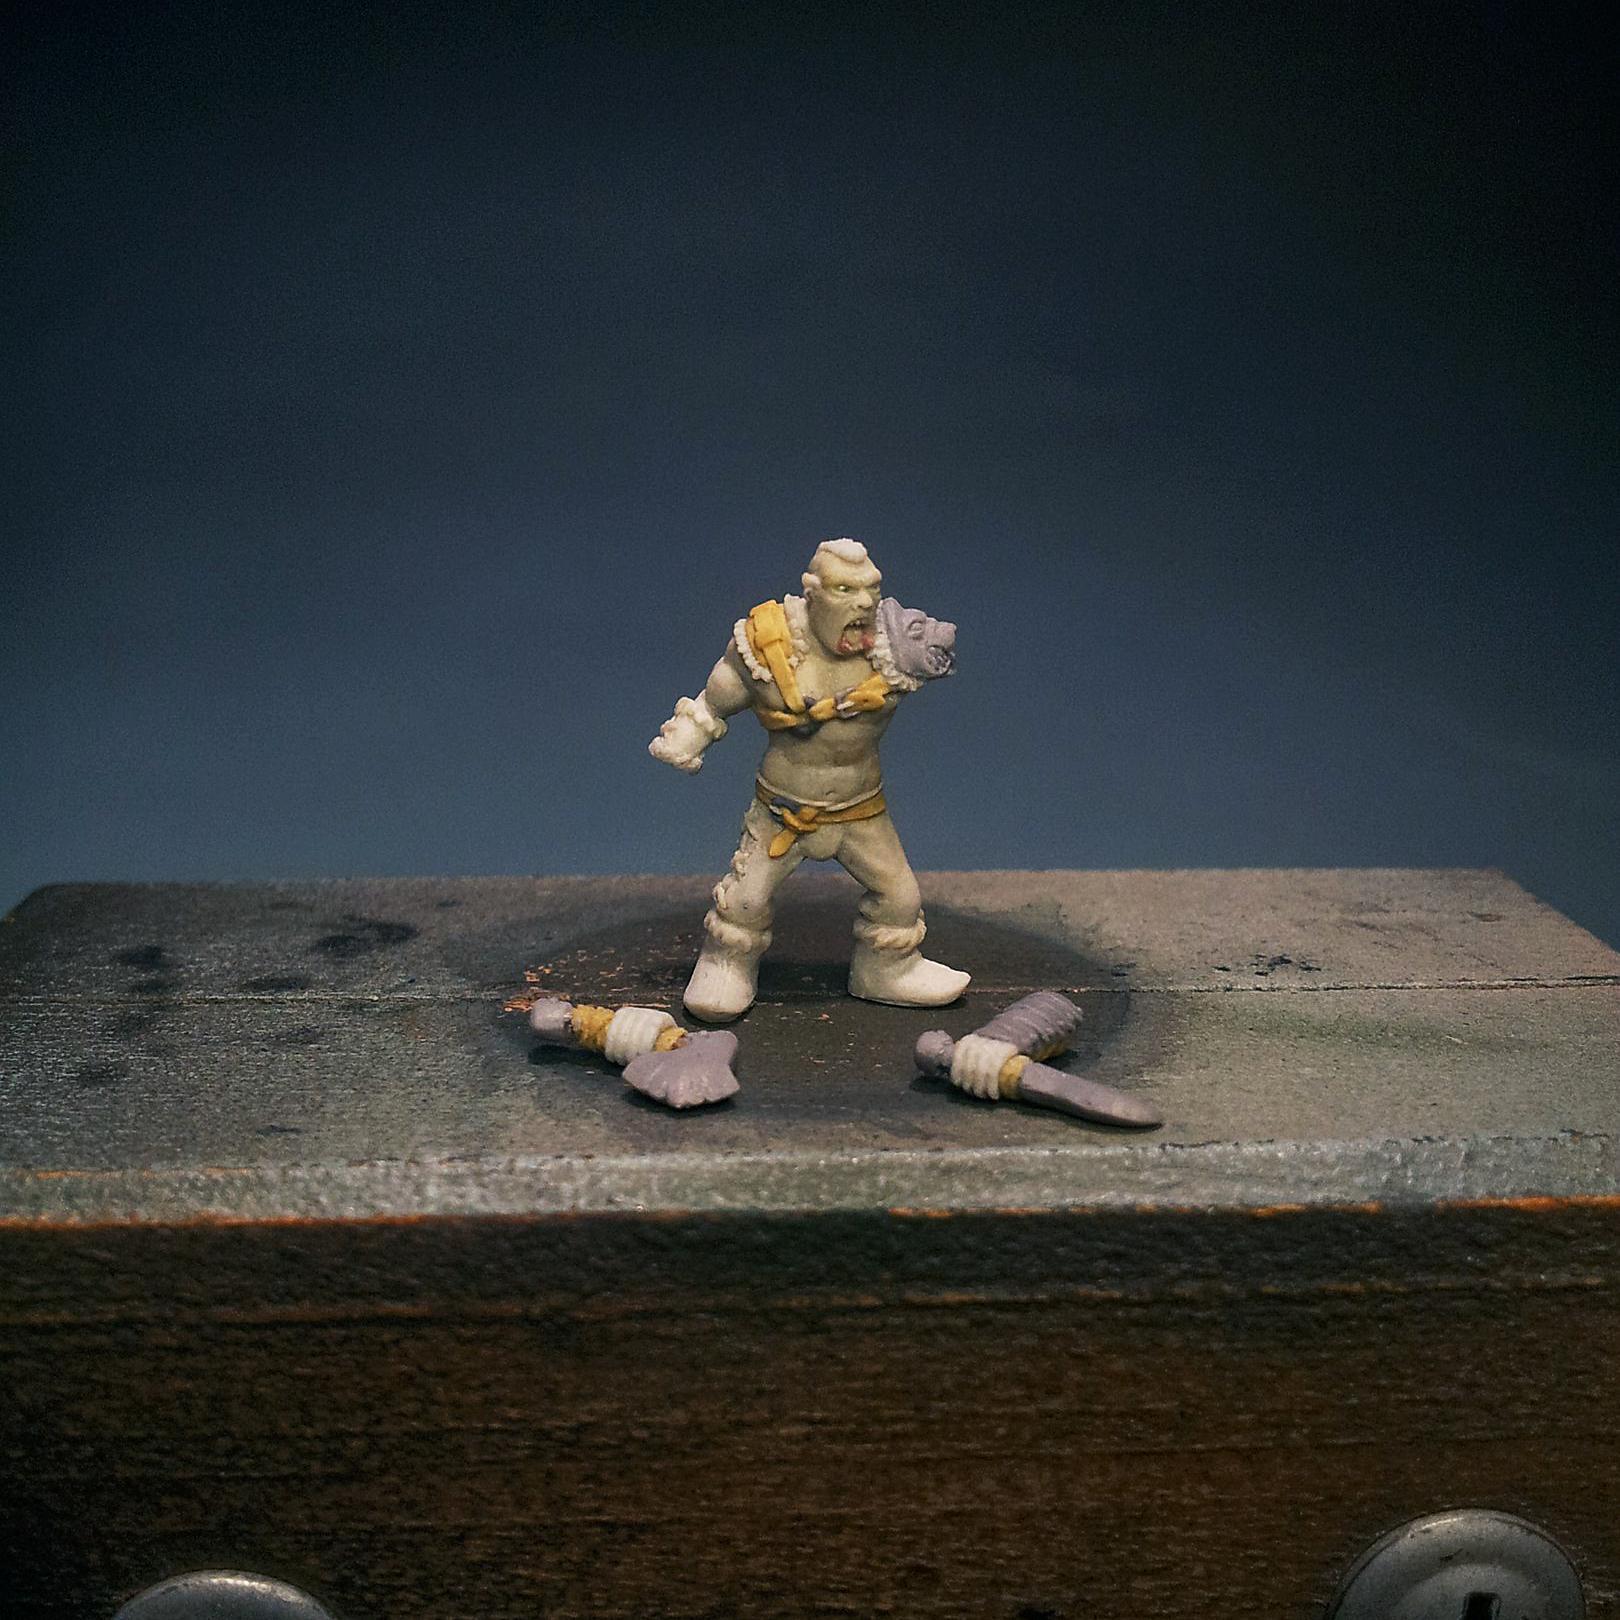 1/100 Scale, Handmade, Magicsculpt, My Way Miniatures, Myway, Orcs, Sculpting